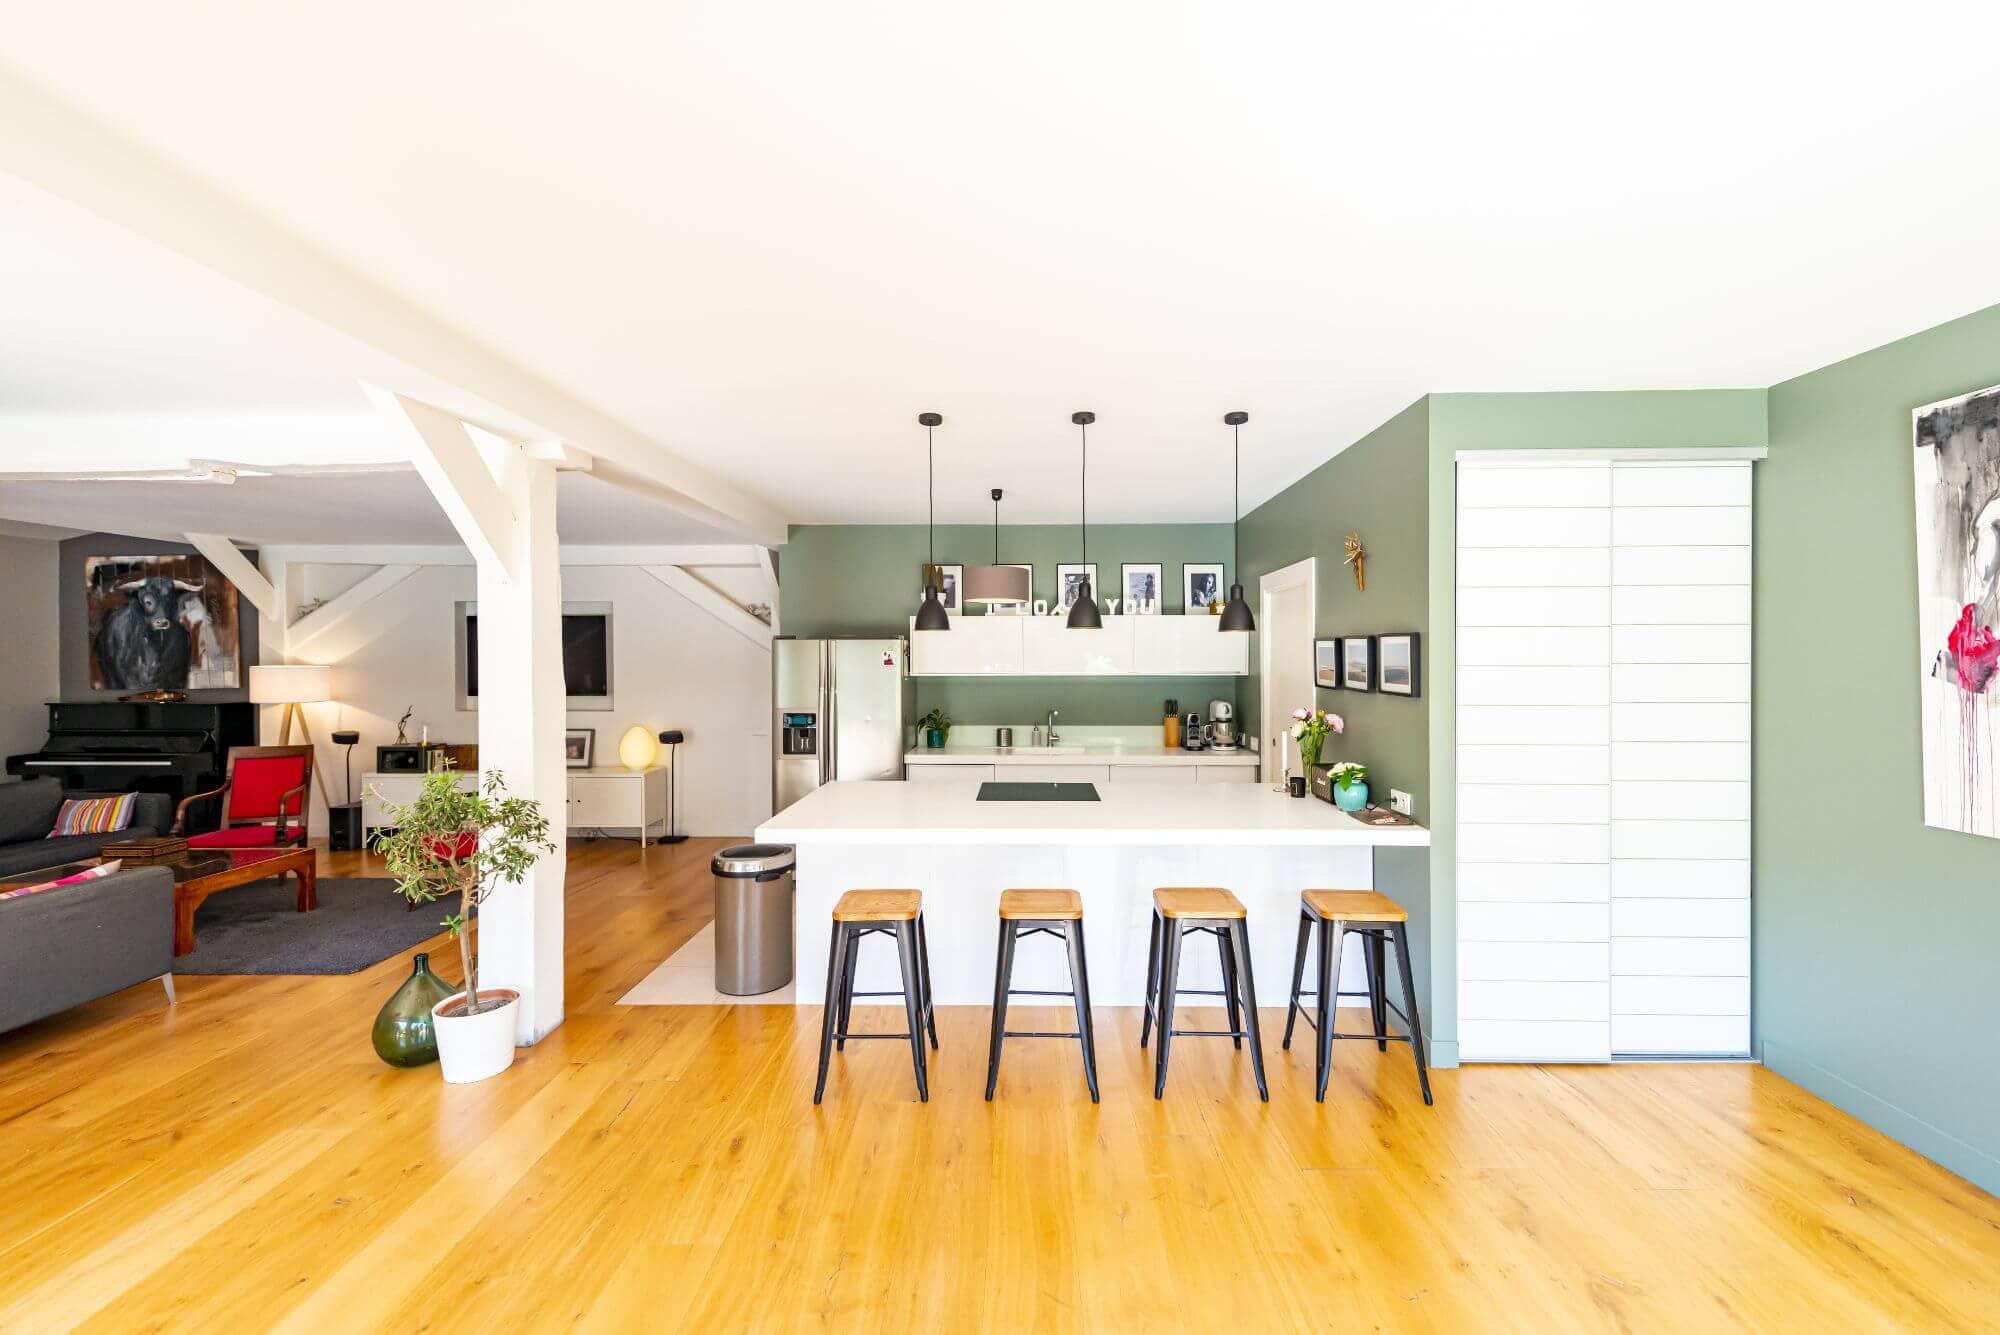 Cuisine, Renovation, Maison, Cuisine ouverte